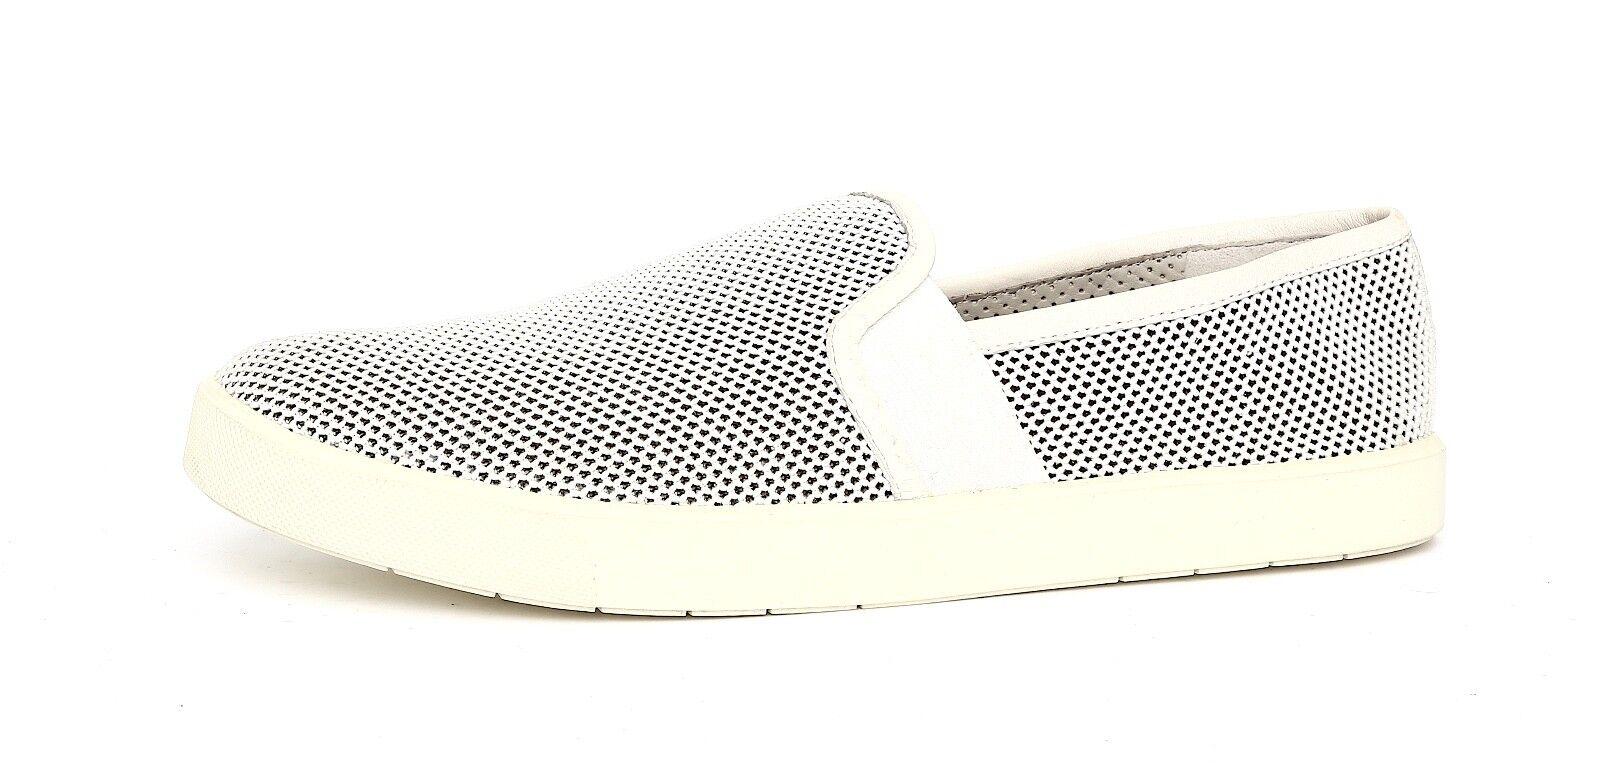 Vince Vince Vince para mujer Slip On blancoo Marfil Cuero Zapatos Talla 8.5 M 4192  servicio de primera clase